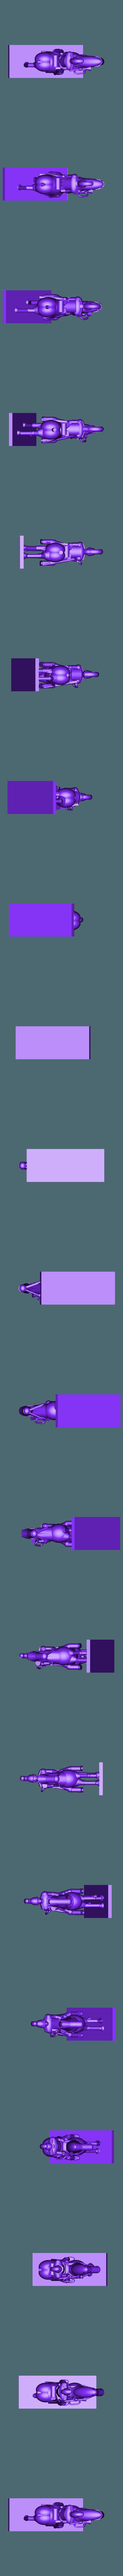 chev_trmp1.stl Télécharger fichier STL gratuit Napoléoniens - 2ème partie - Français / Alliés Cavalerie • Plan imprimable en 3D, Earsling